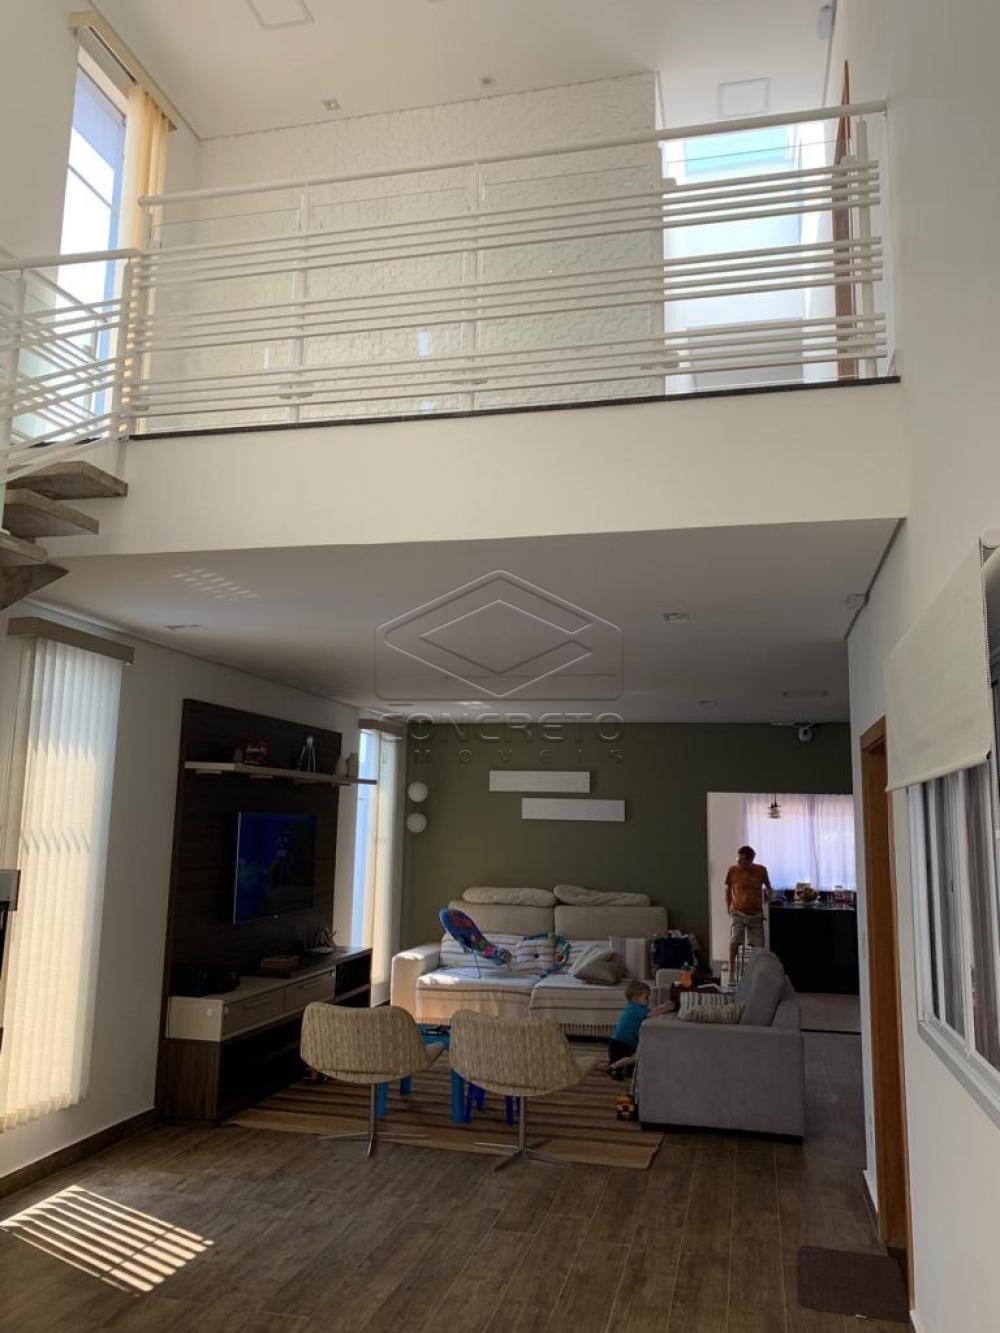 Comprar Casa / Padrão em Sao Manuel apenas R$ 650.000,00 - Foto 122